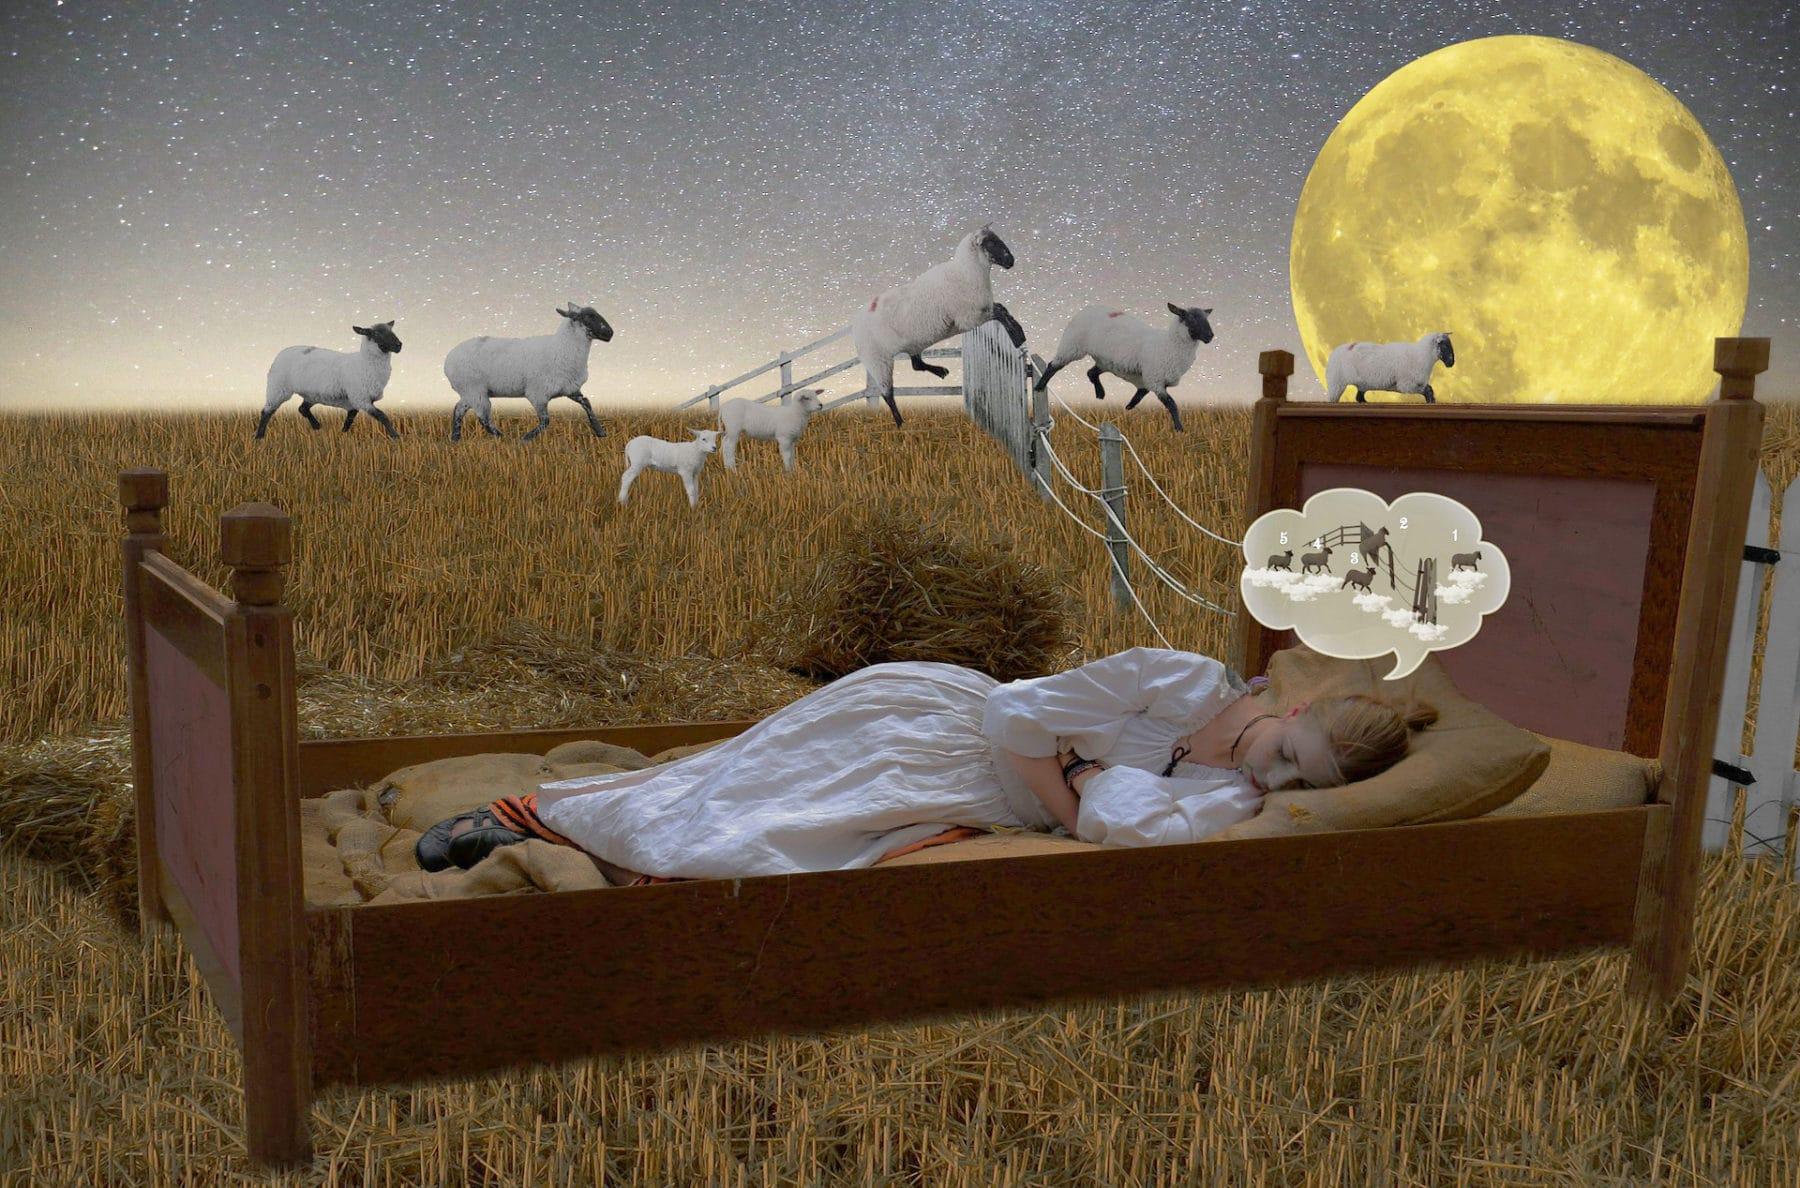 Träumende Frau in Bett auf einem Feld, springende Schäfchen zählend